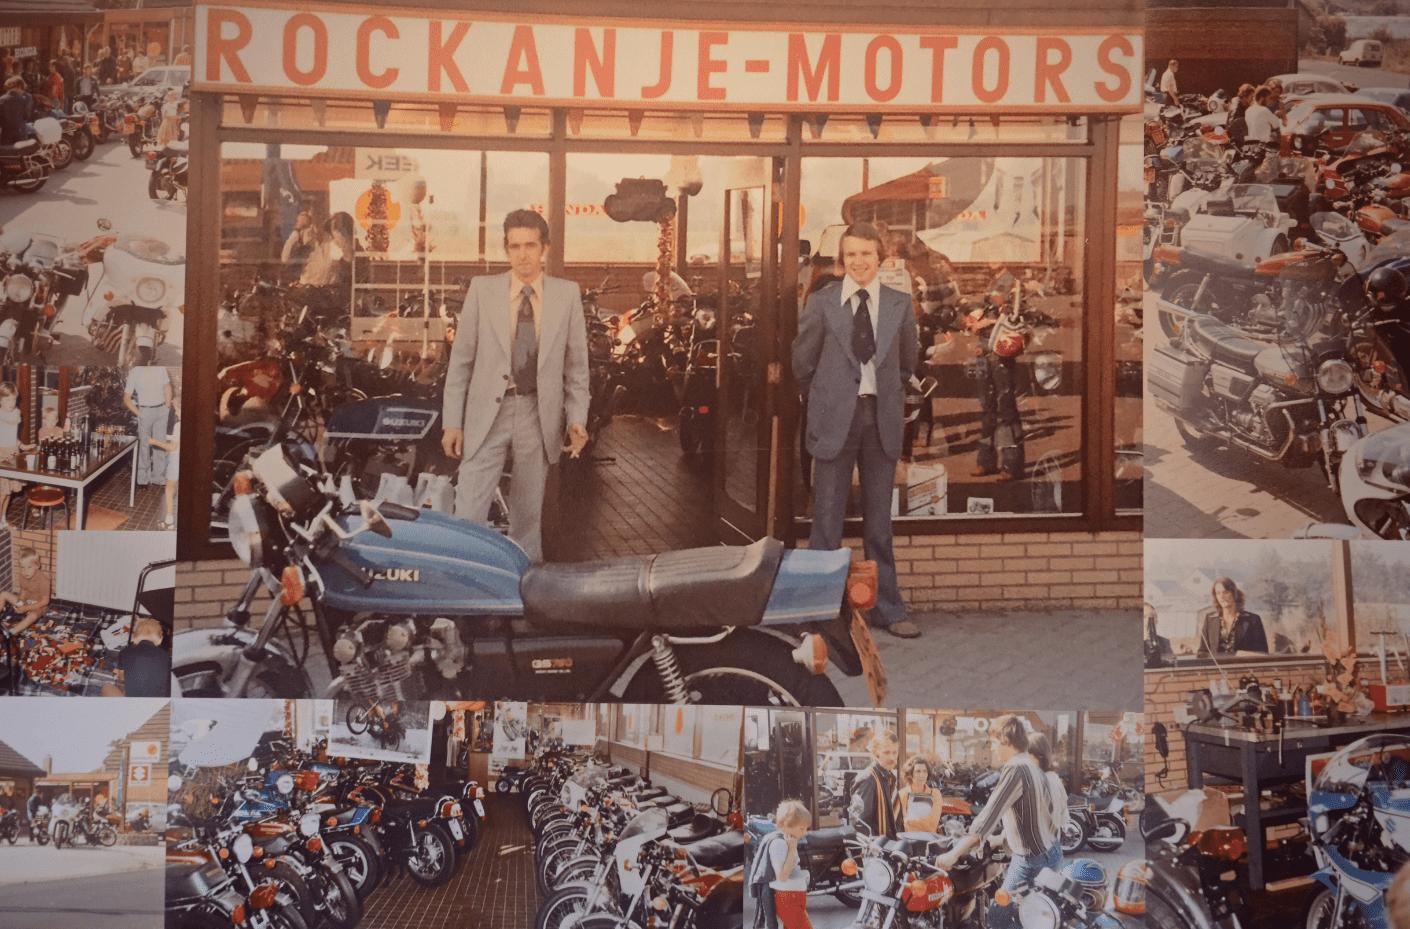 De beleving start bij Motoport Rockanje